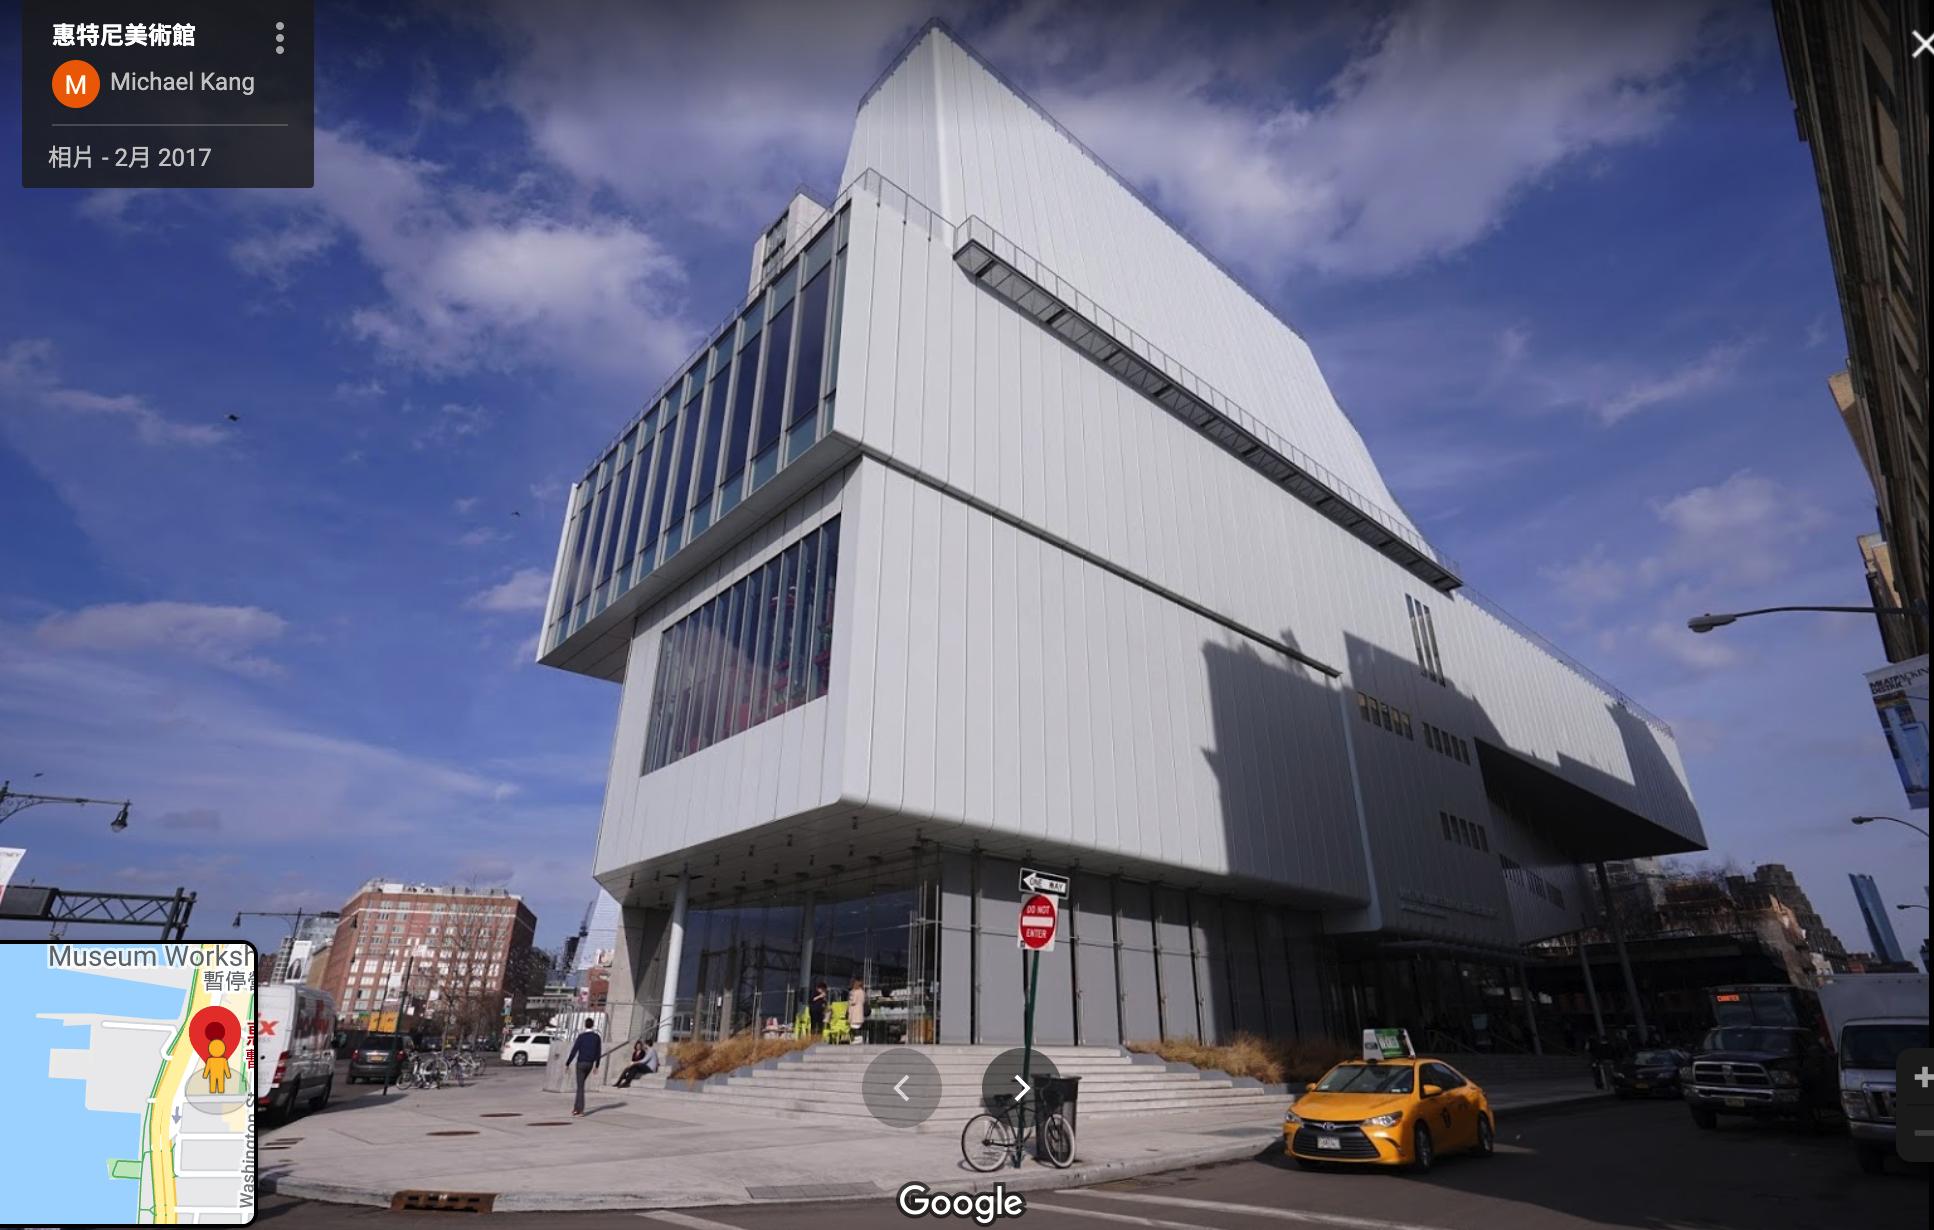 美國紐約 多間博物館開放免費參觀